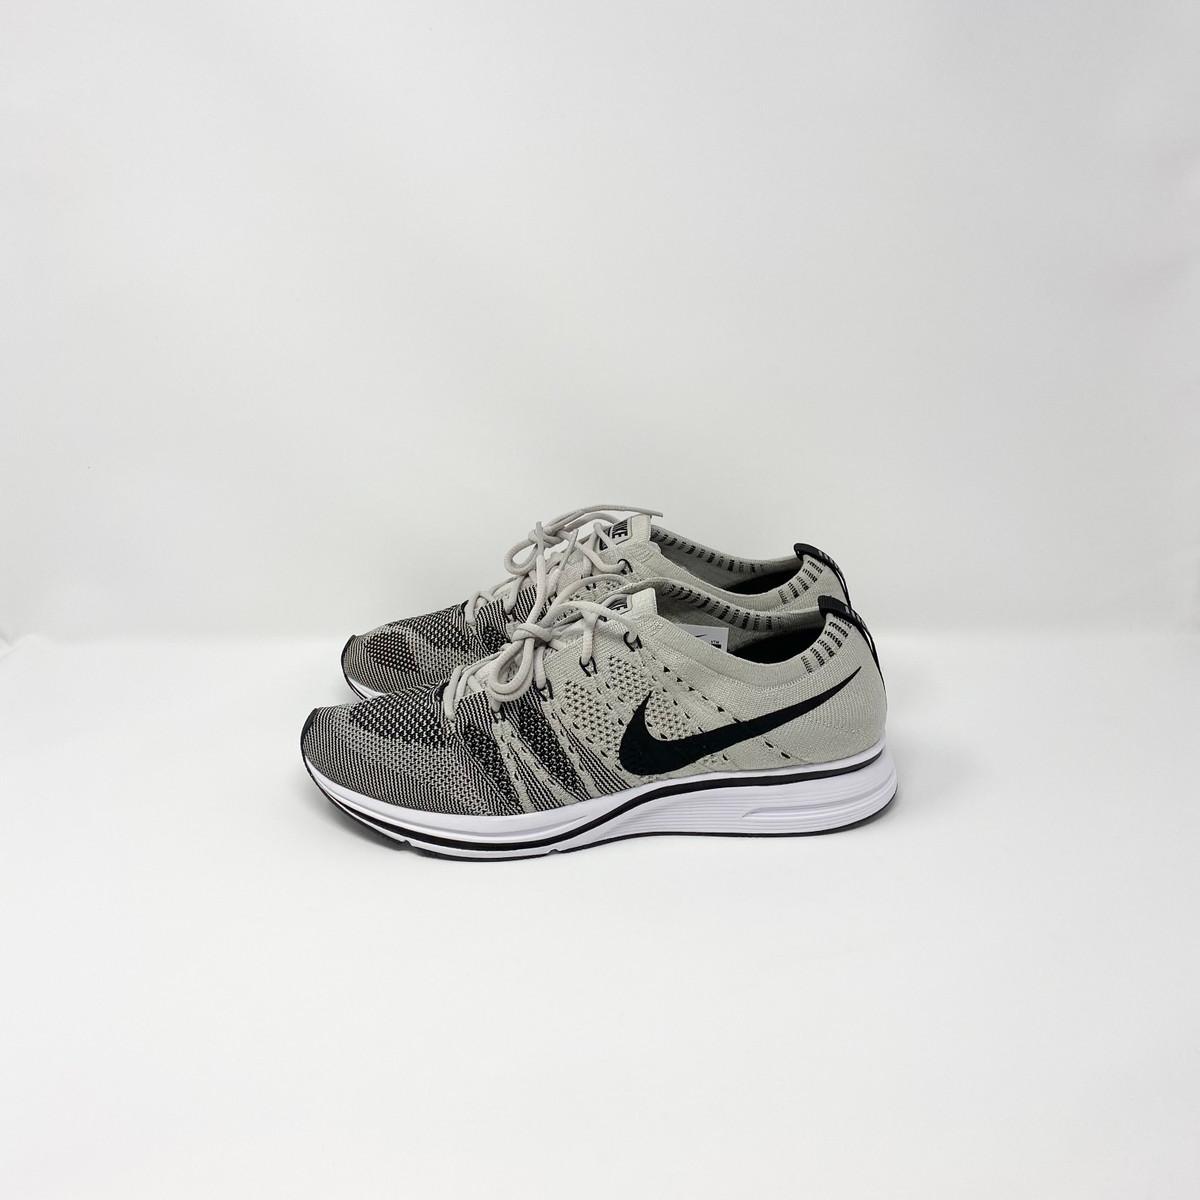 Nike Flyknit Trainer Pale Grey